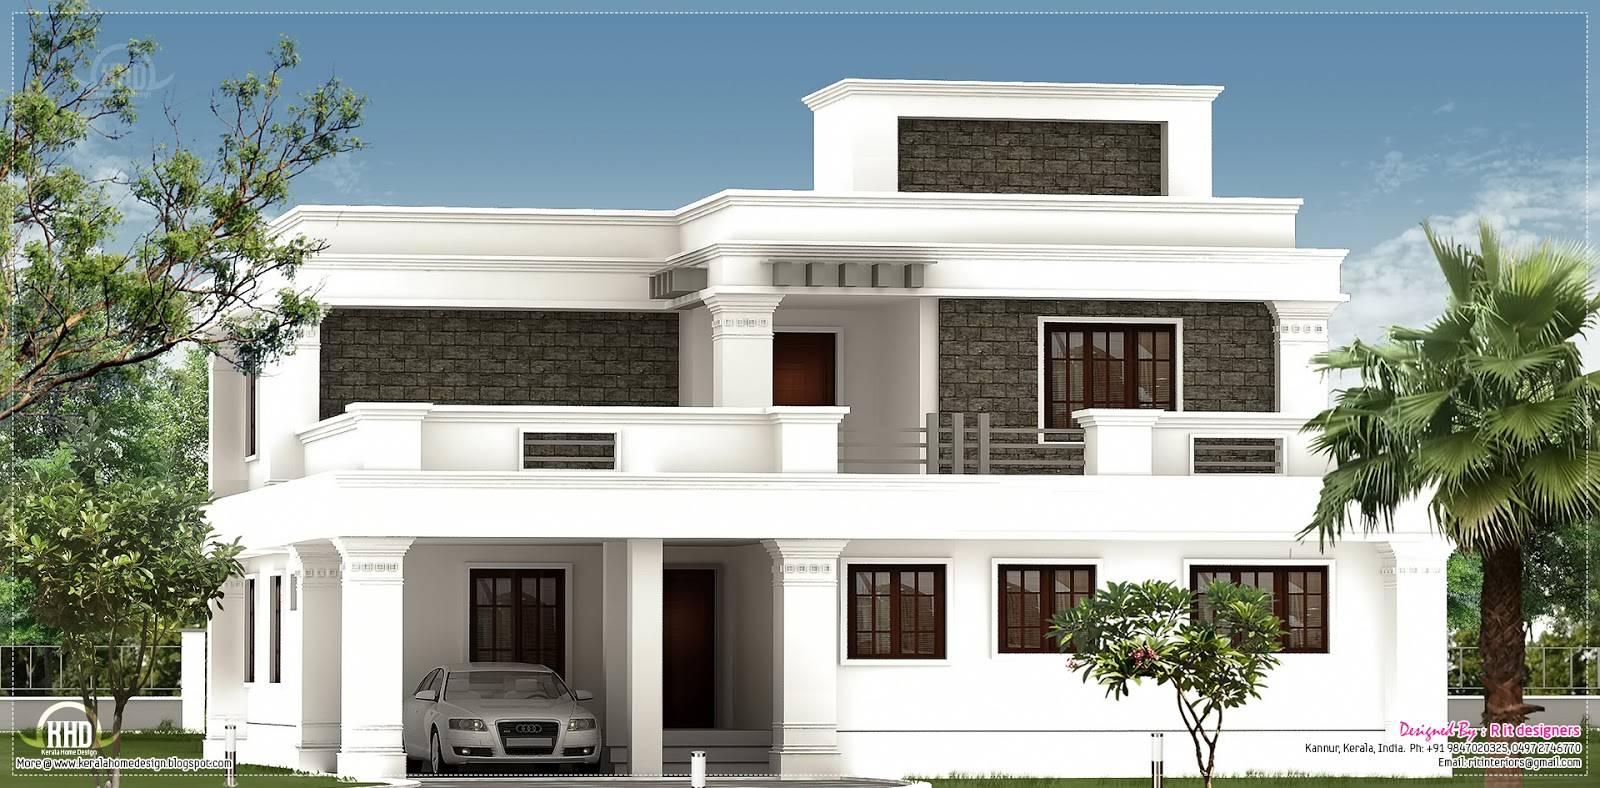 Flat Roof Villa Exterior Feet Kerala Home Design Home Plans Blueprints 86070